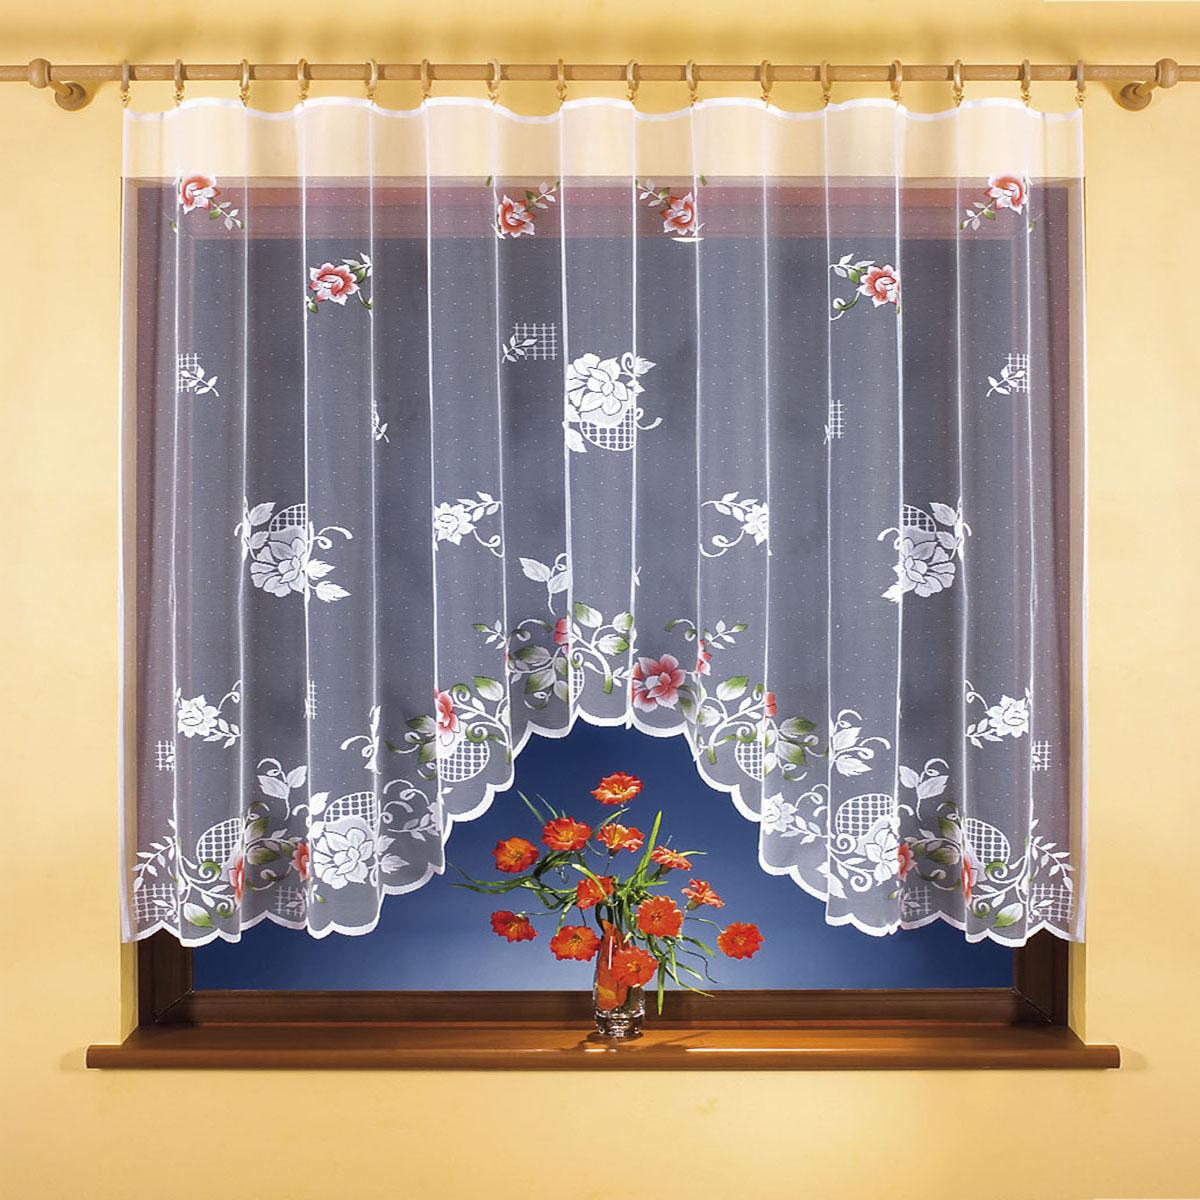 Гардина Wisan, цвет: белый, ширина 300 см, высота 150 см. 9840-19840-1вид крепления - под зажимы для шторРазмеры: ширина 300*высота 150